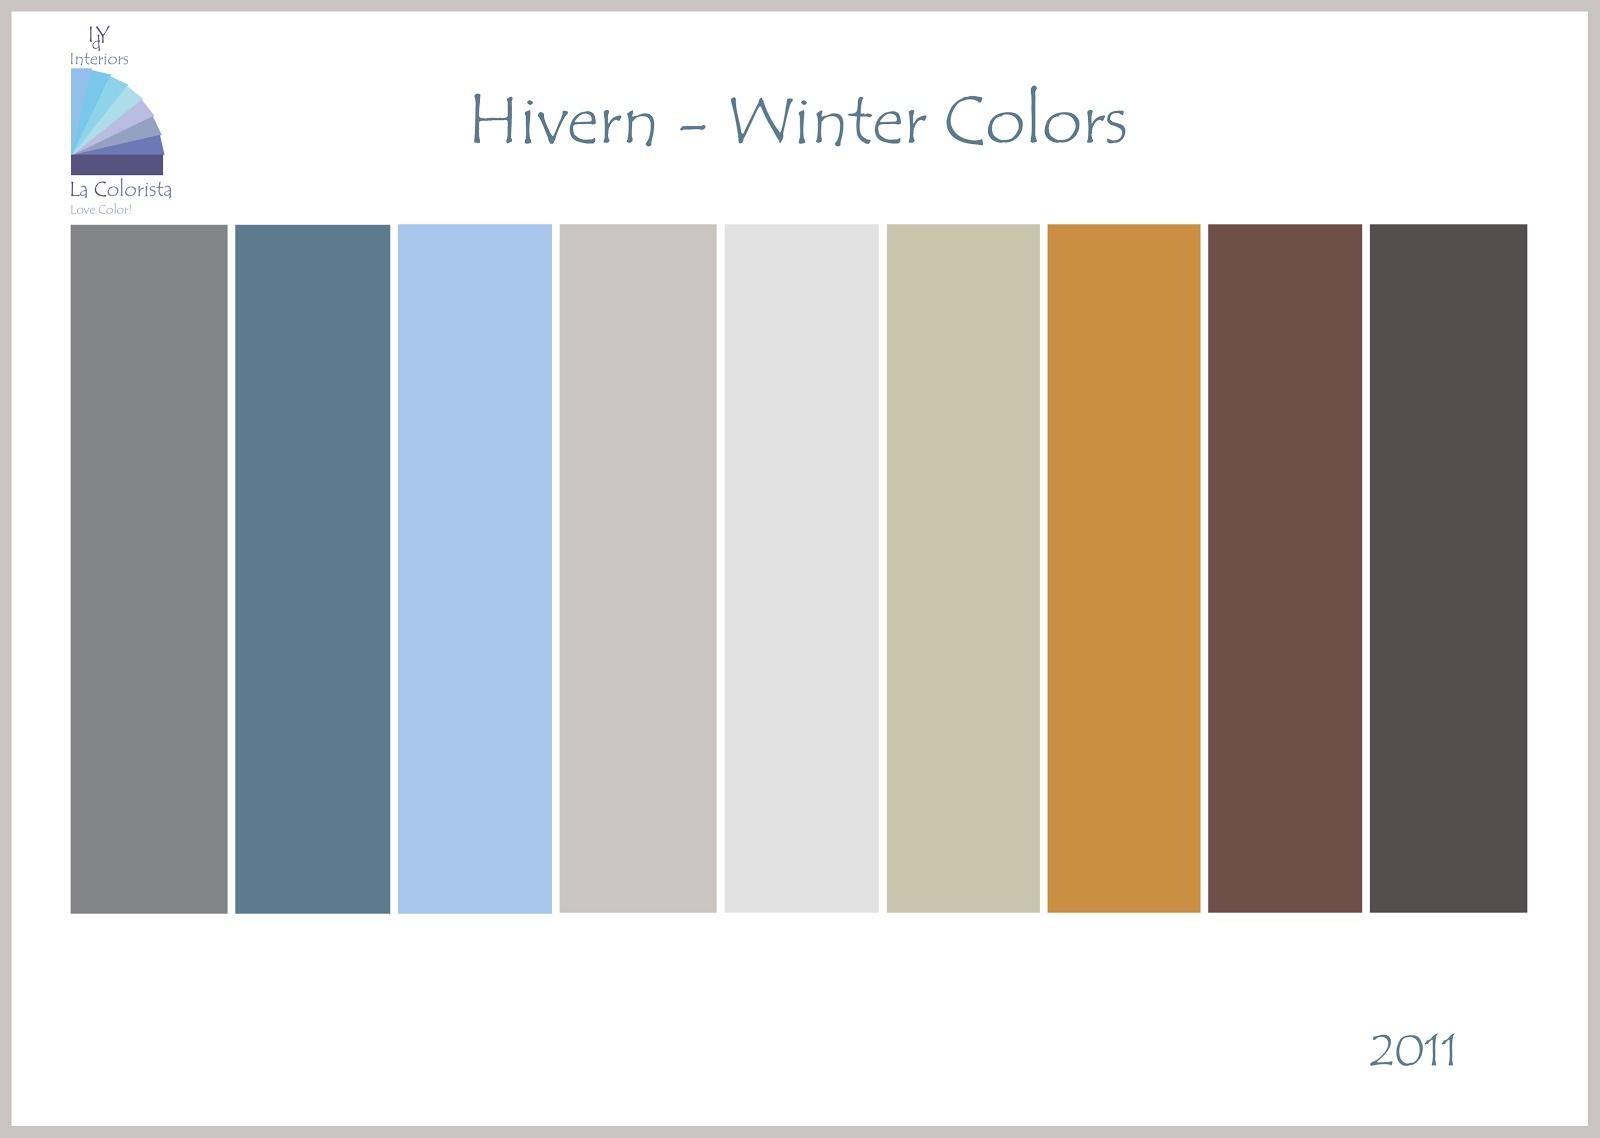 La Colorista Isabel De Yzaguirre Colour Trends And